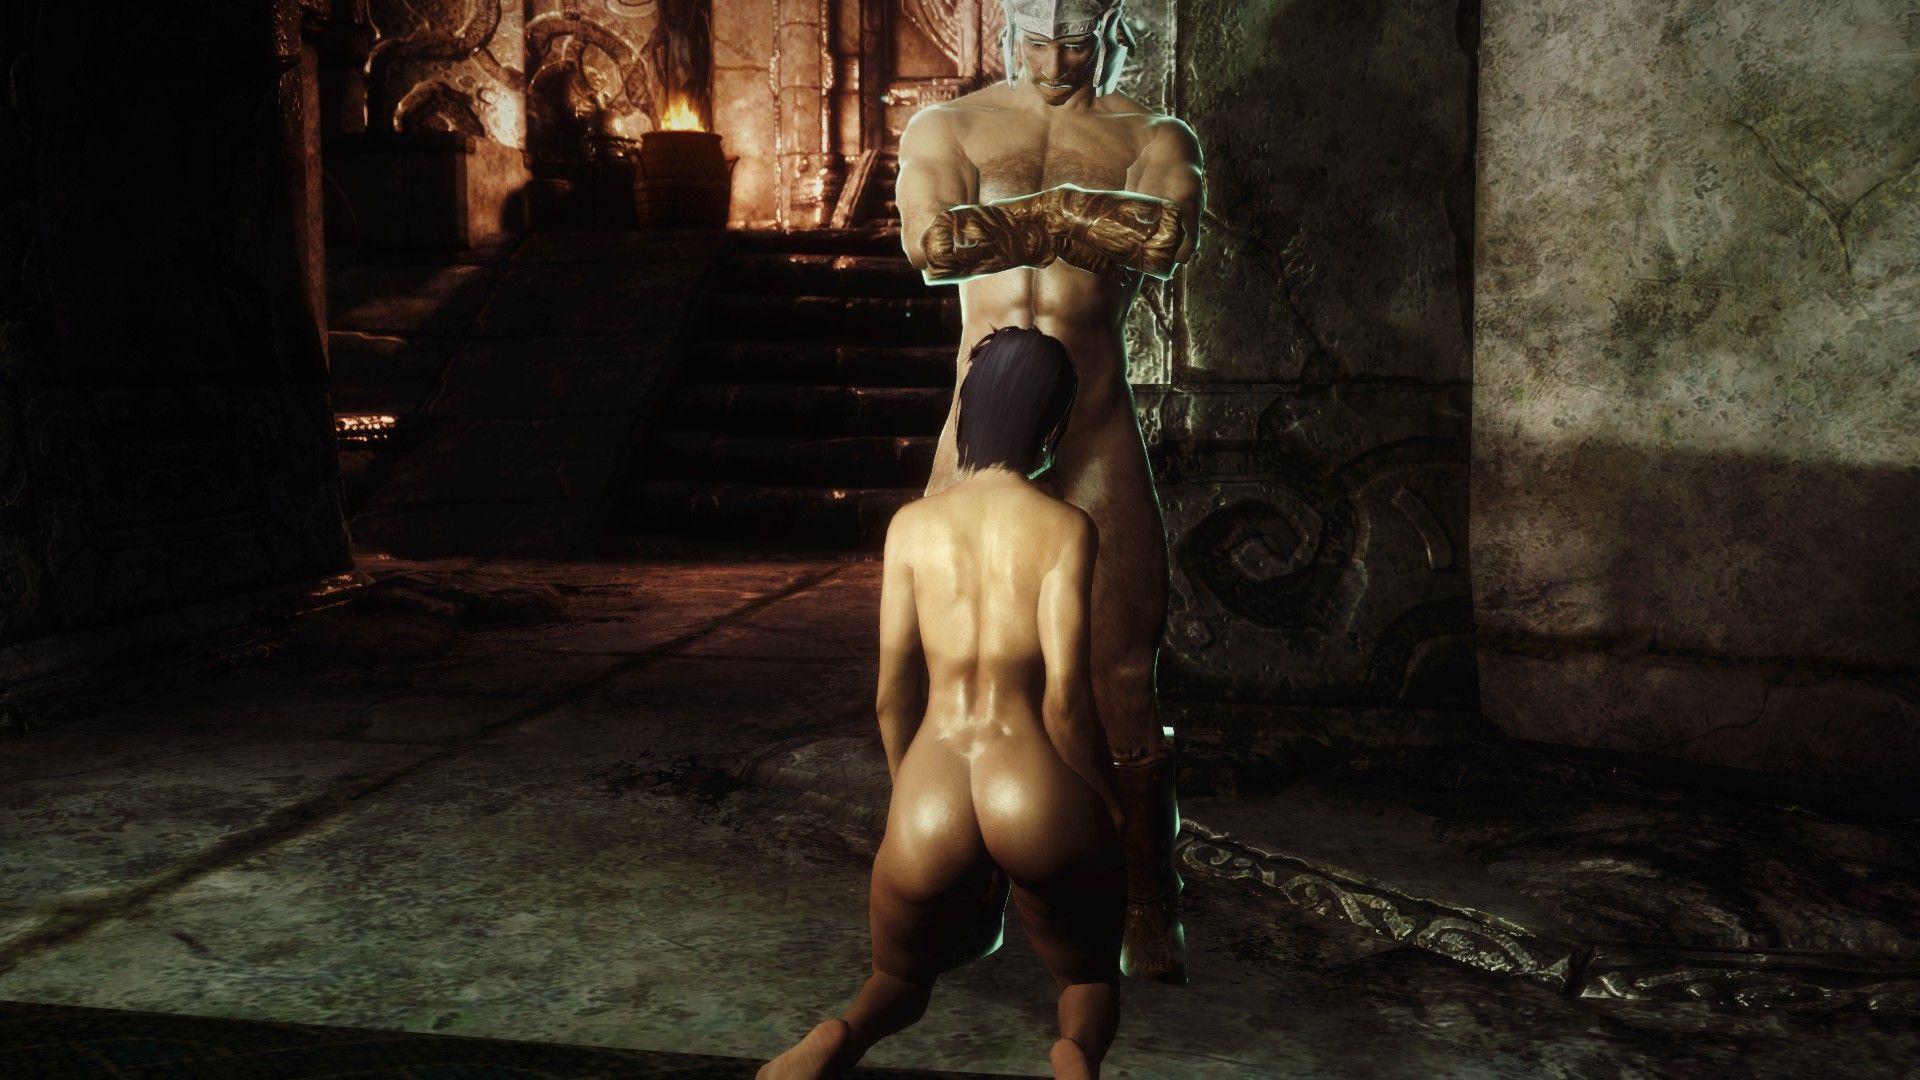 Скайрим моды на миньет во время секса